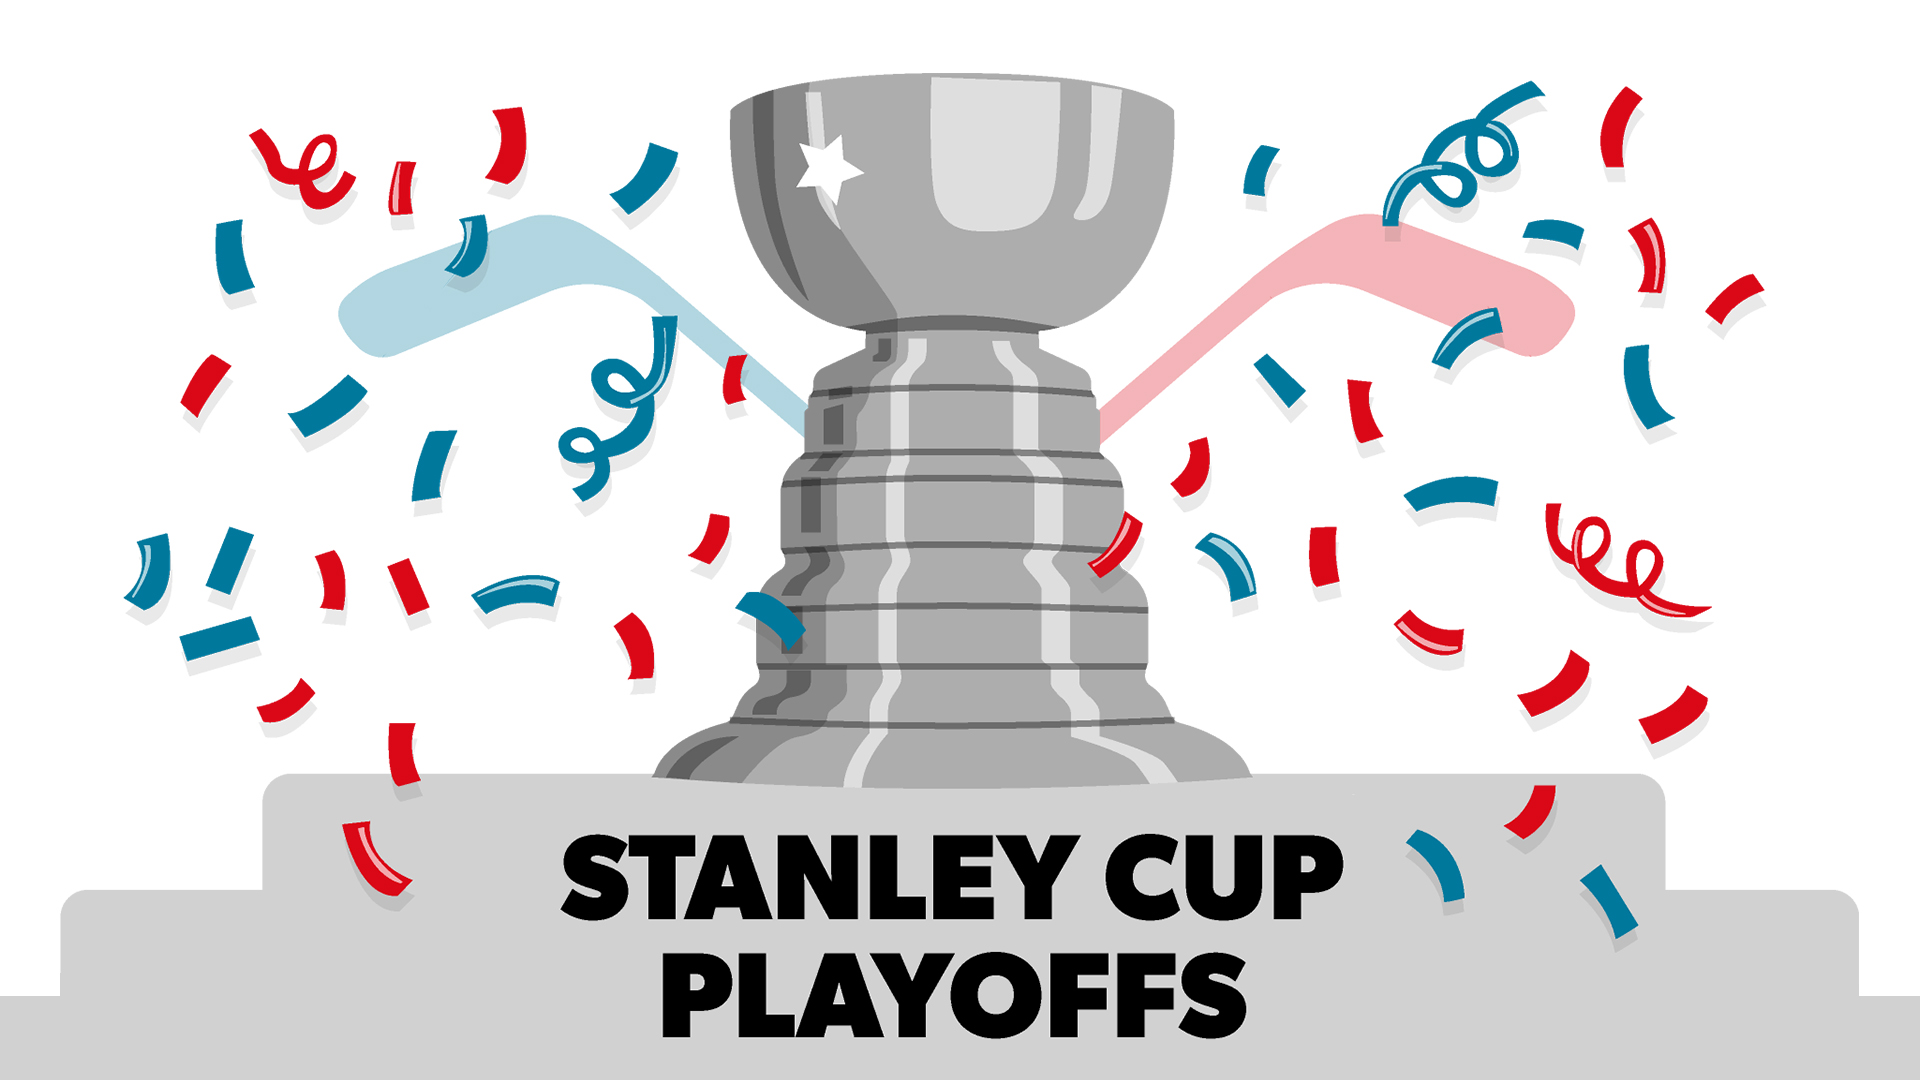 Standley Cup Playoffs